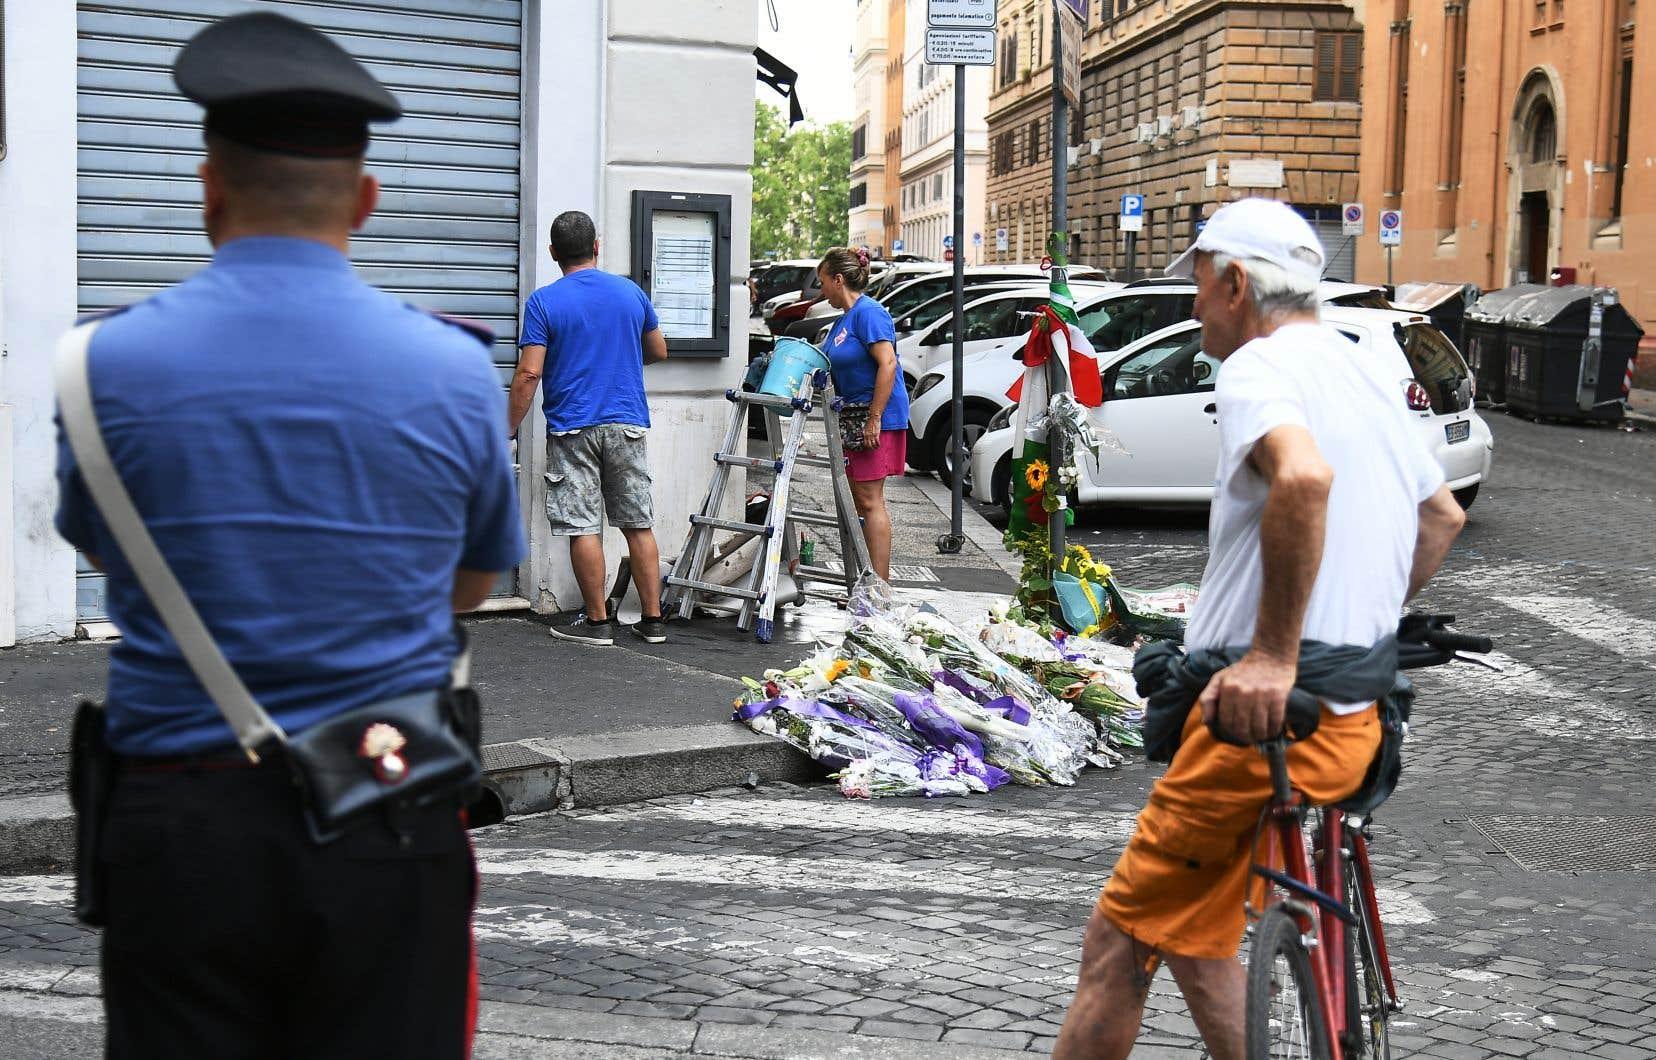 <p>Des citoyens ont constitué un lieu de recueillement spontané en mémoire de Mario Cerciello Rega sous le regard d'un carabinier et d'un homme.</p>